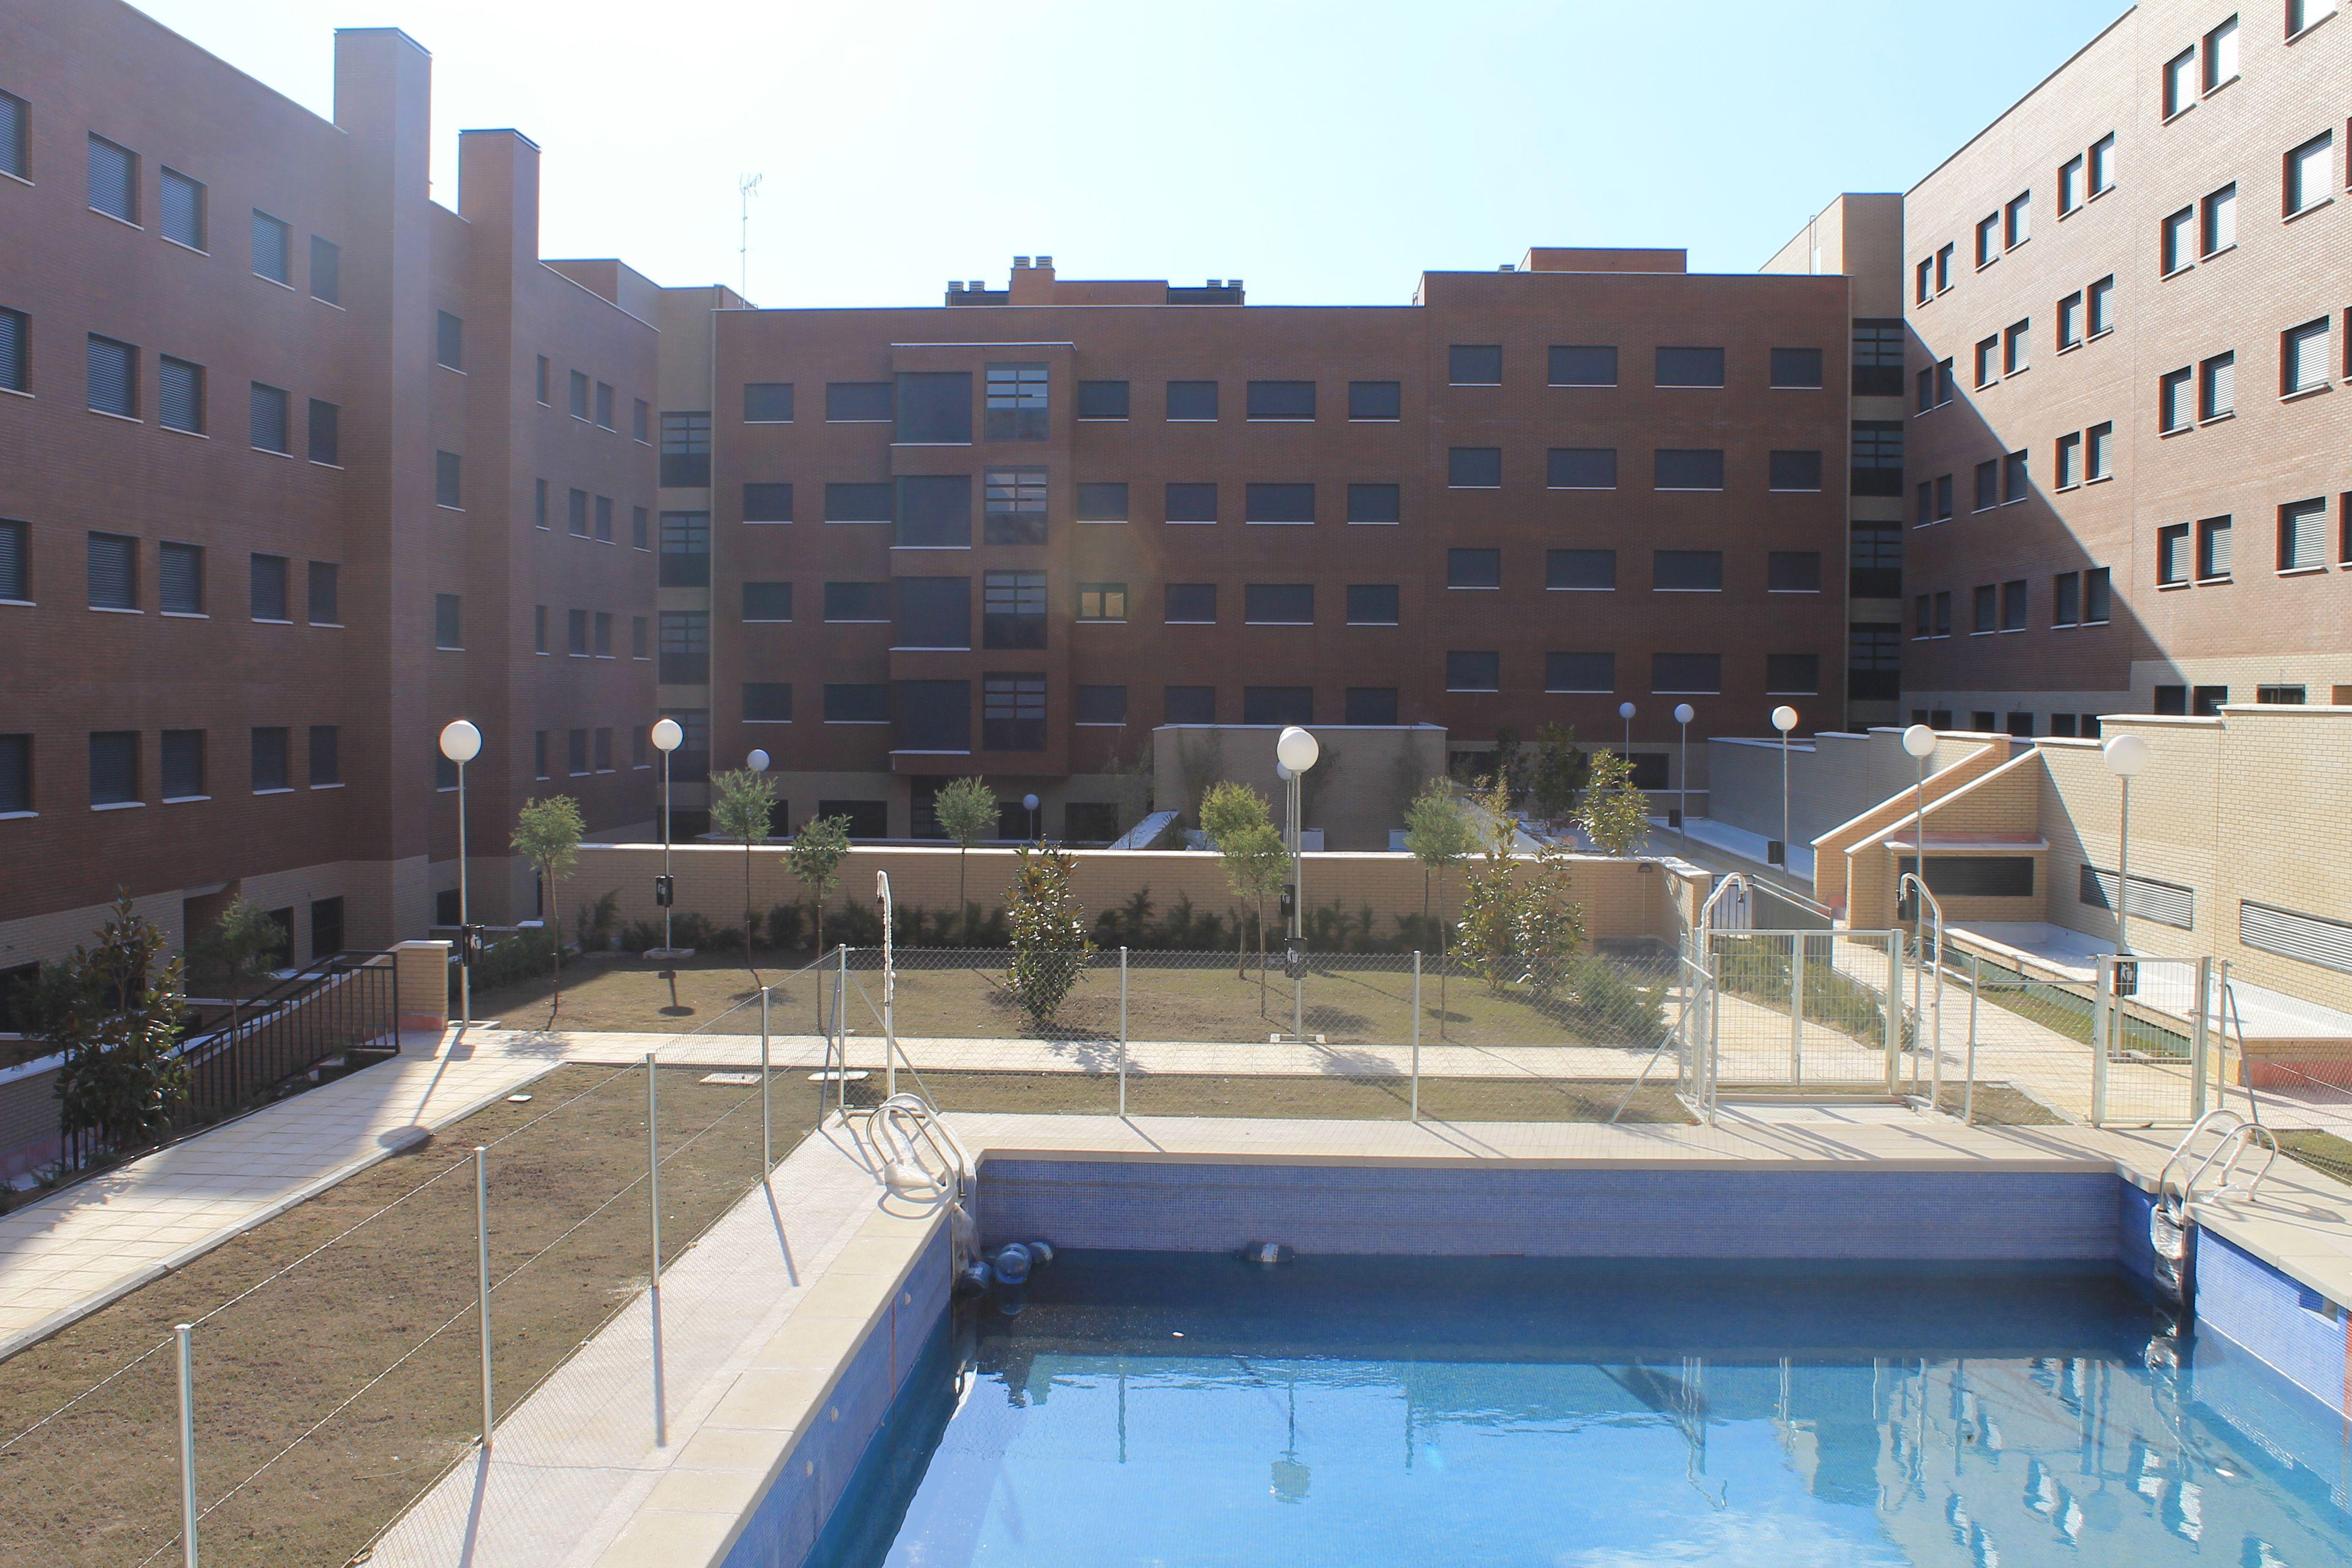 Proyecto viviendas Getafe, Buenavista